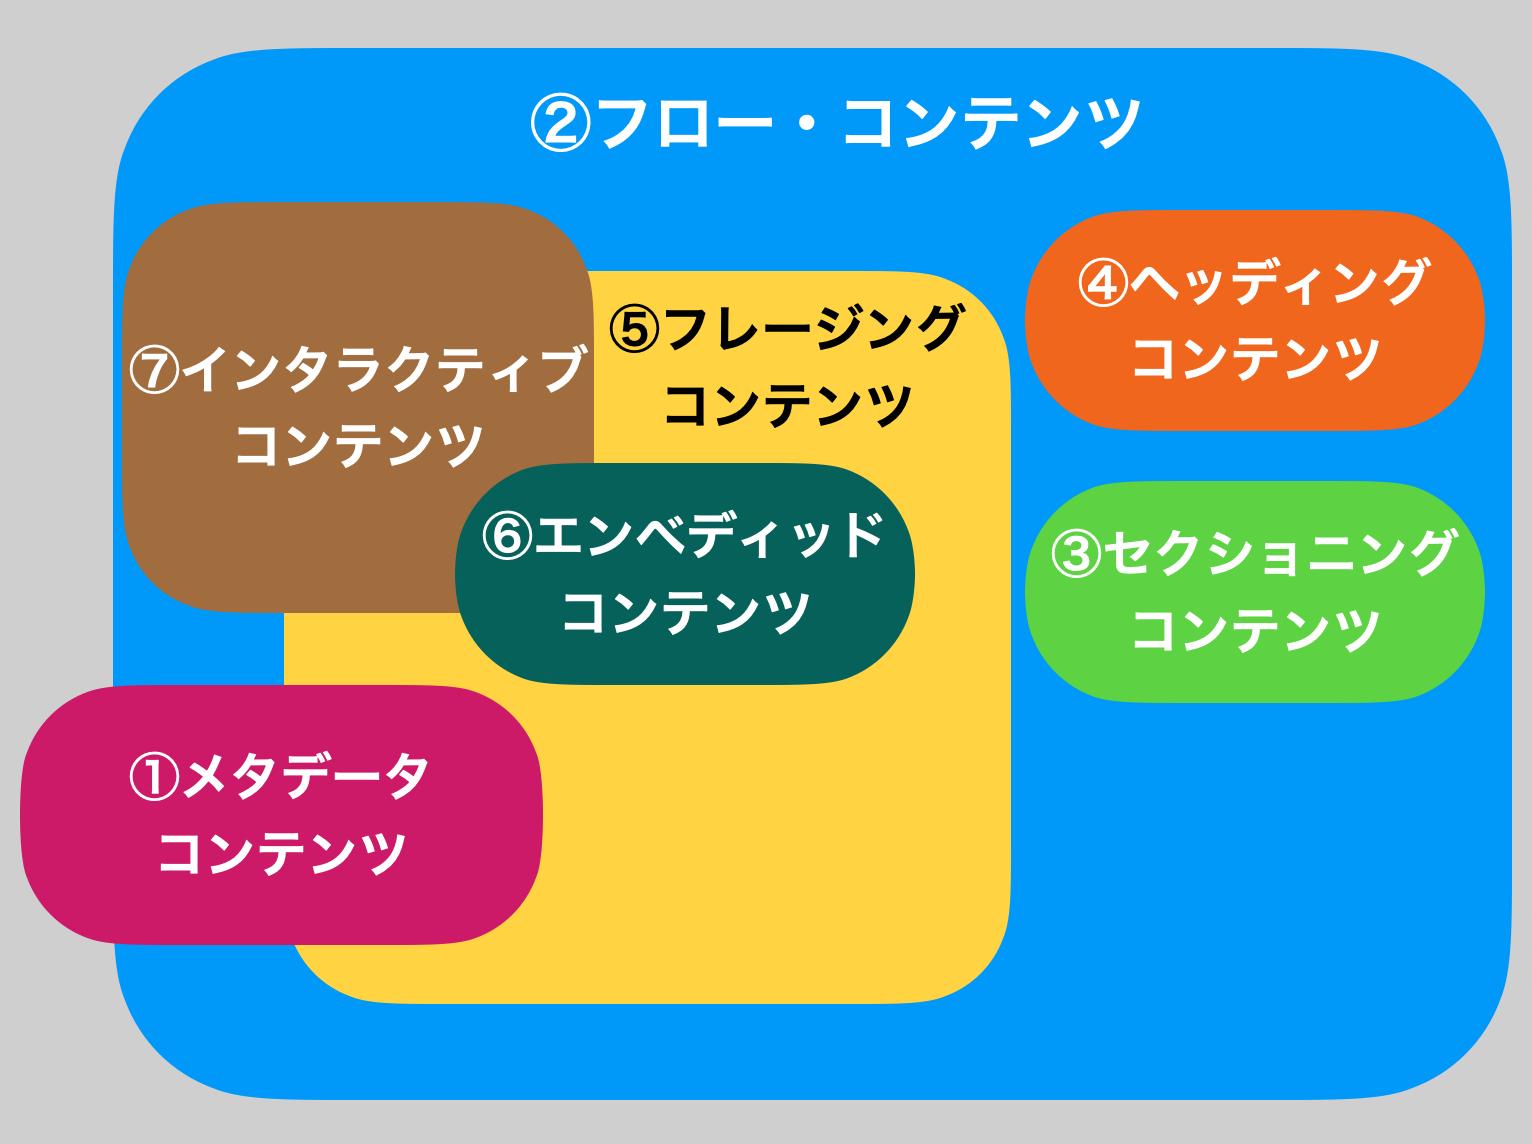 図:コンテンツモデルのカテゴリ分けの図